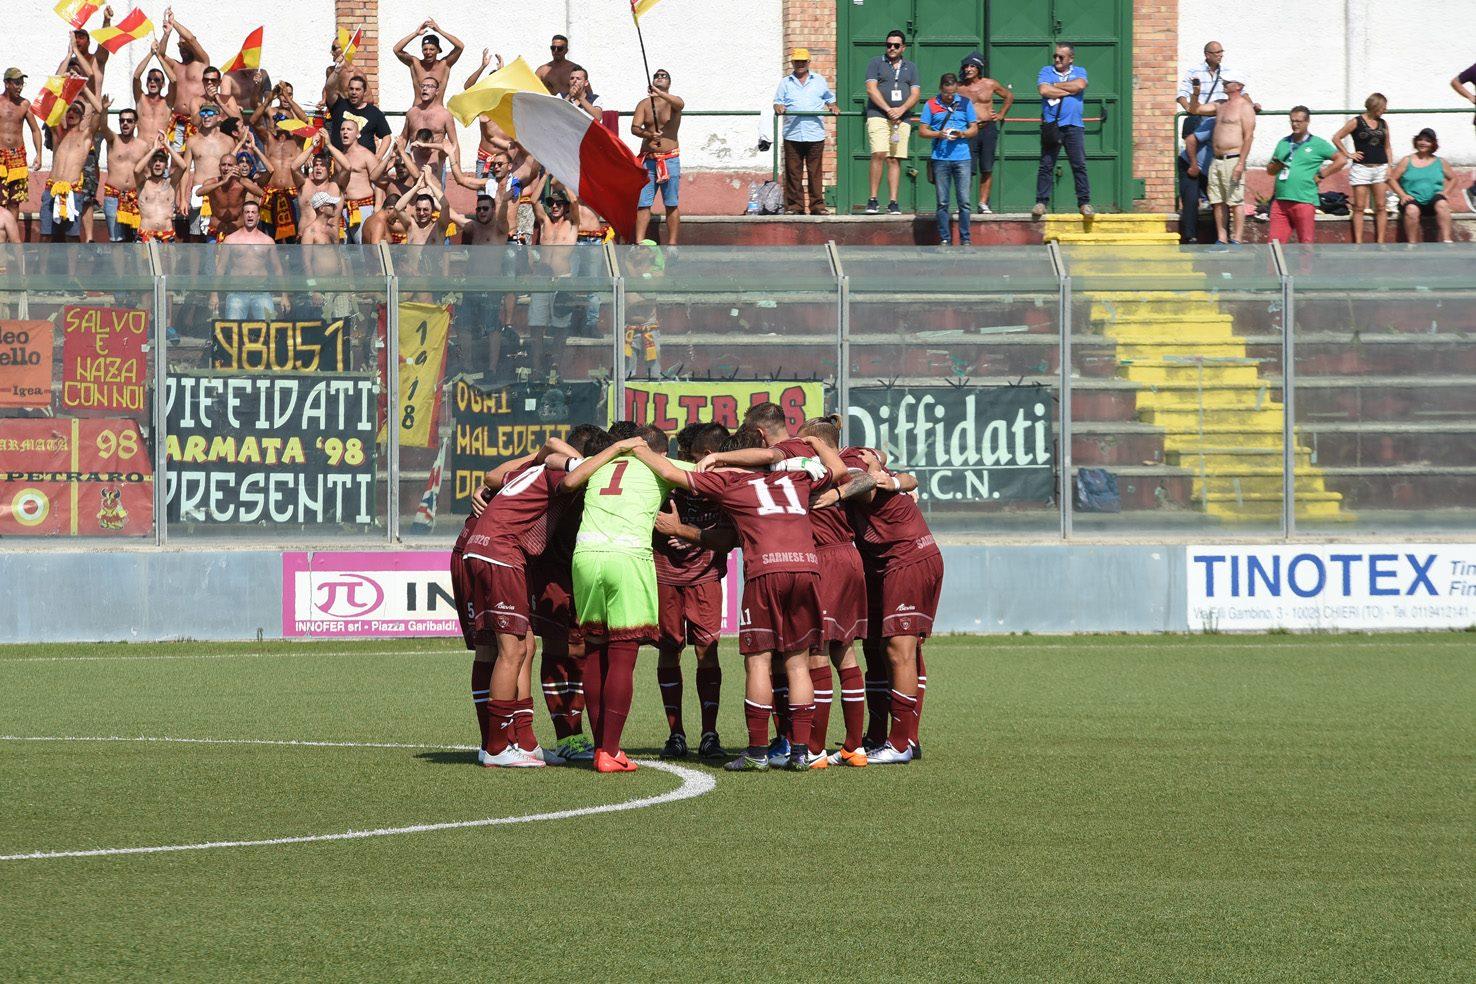 Presentazione girone I: la Campania fa festa con tre derby dal pronostico apertissimo